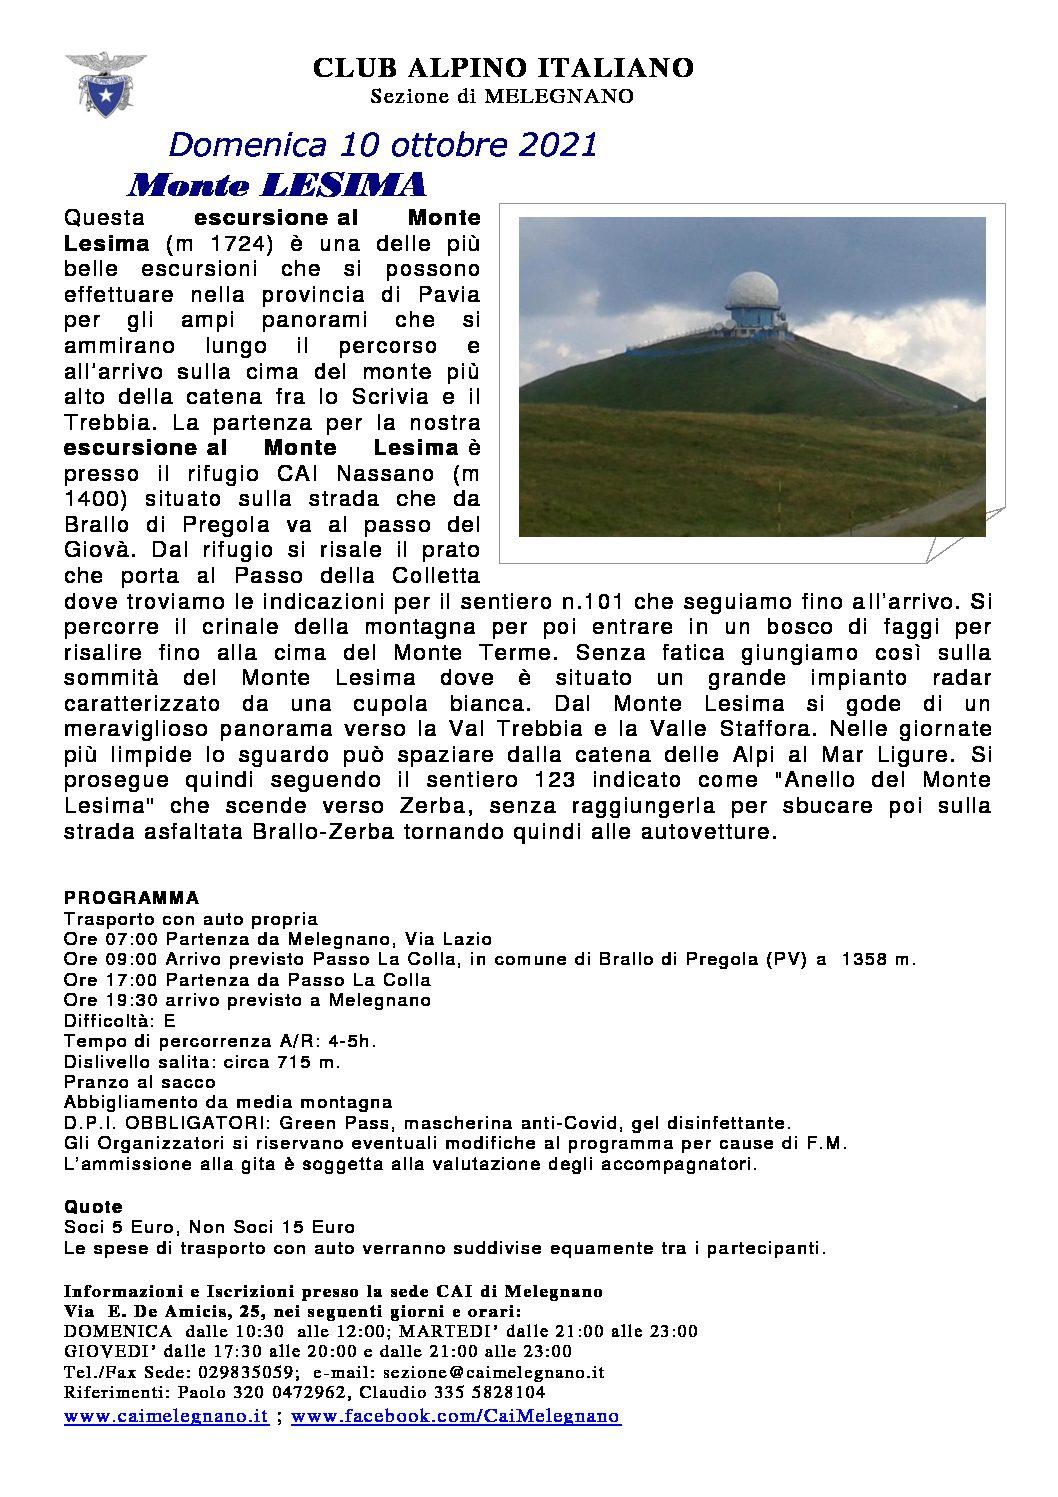 Escursione al monte Lesima – 10 ottobre 2021